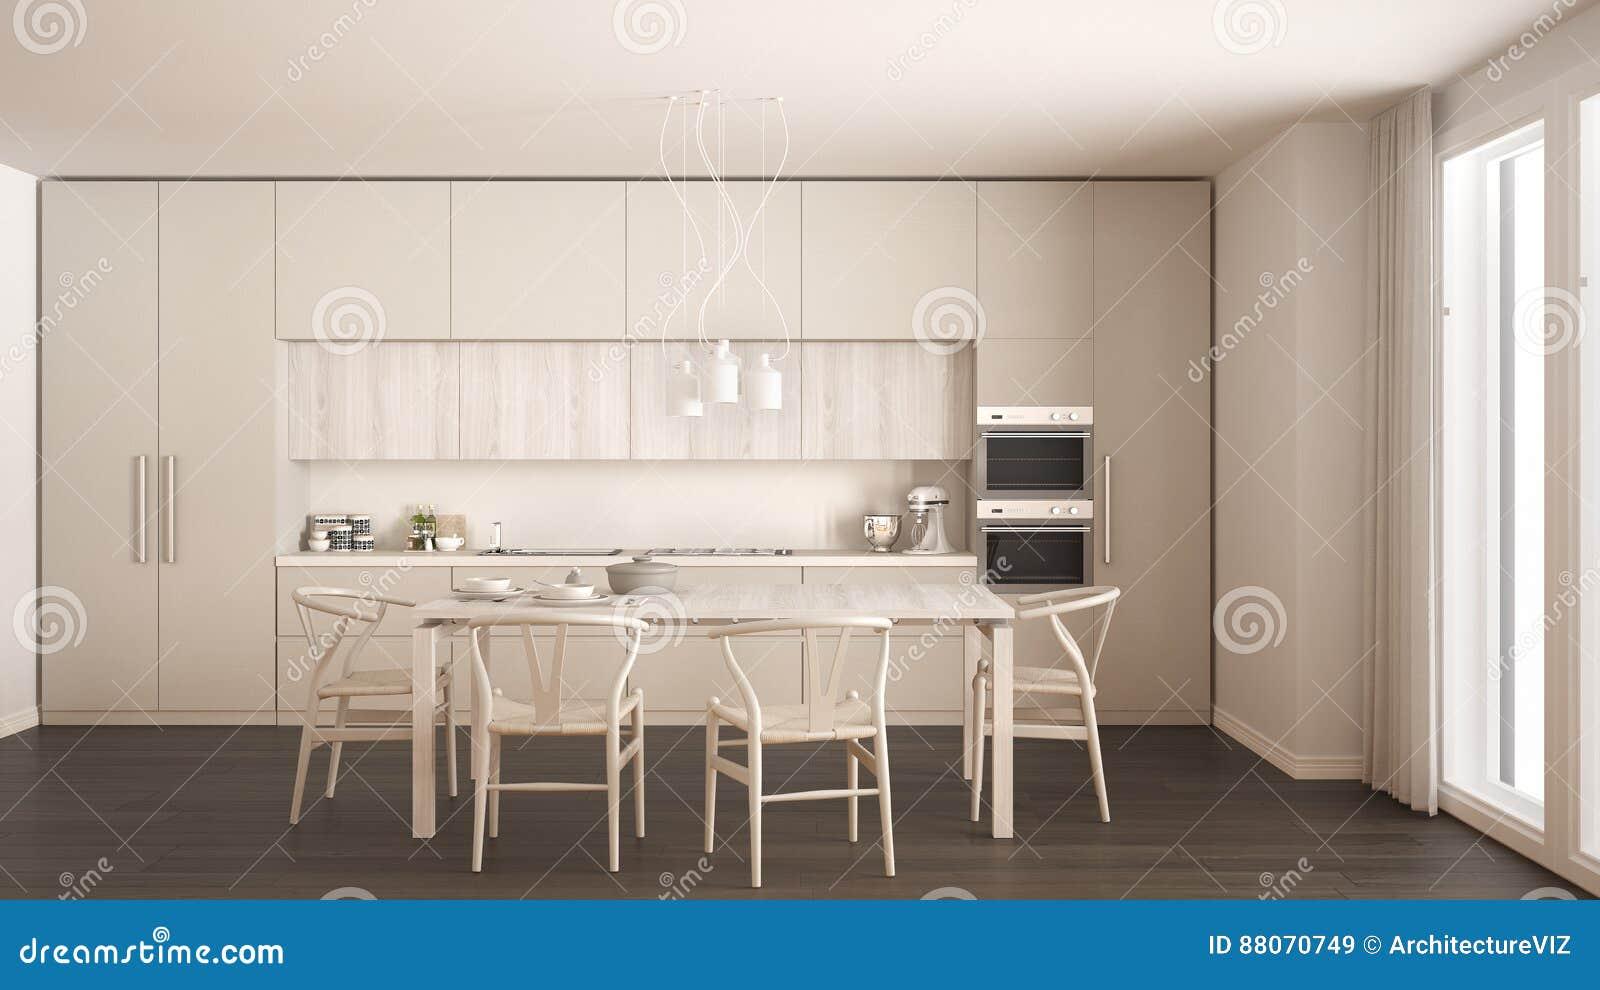 Piastrelle Cucina Bianca Moderna. Finti Mattoncini Da Con Gallery Of ...